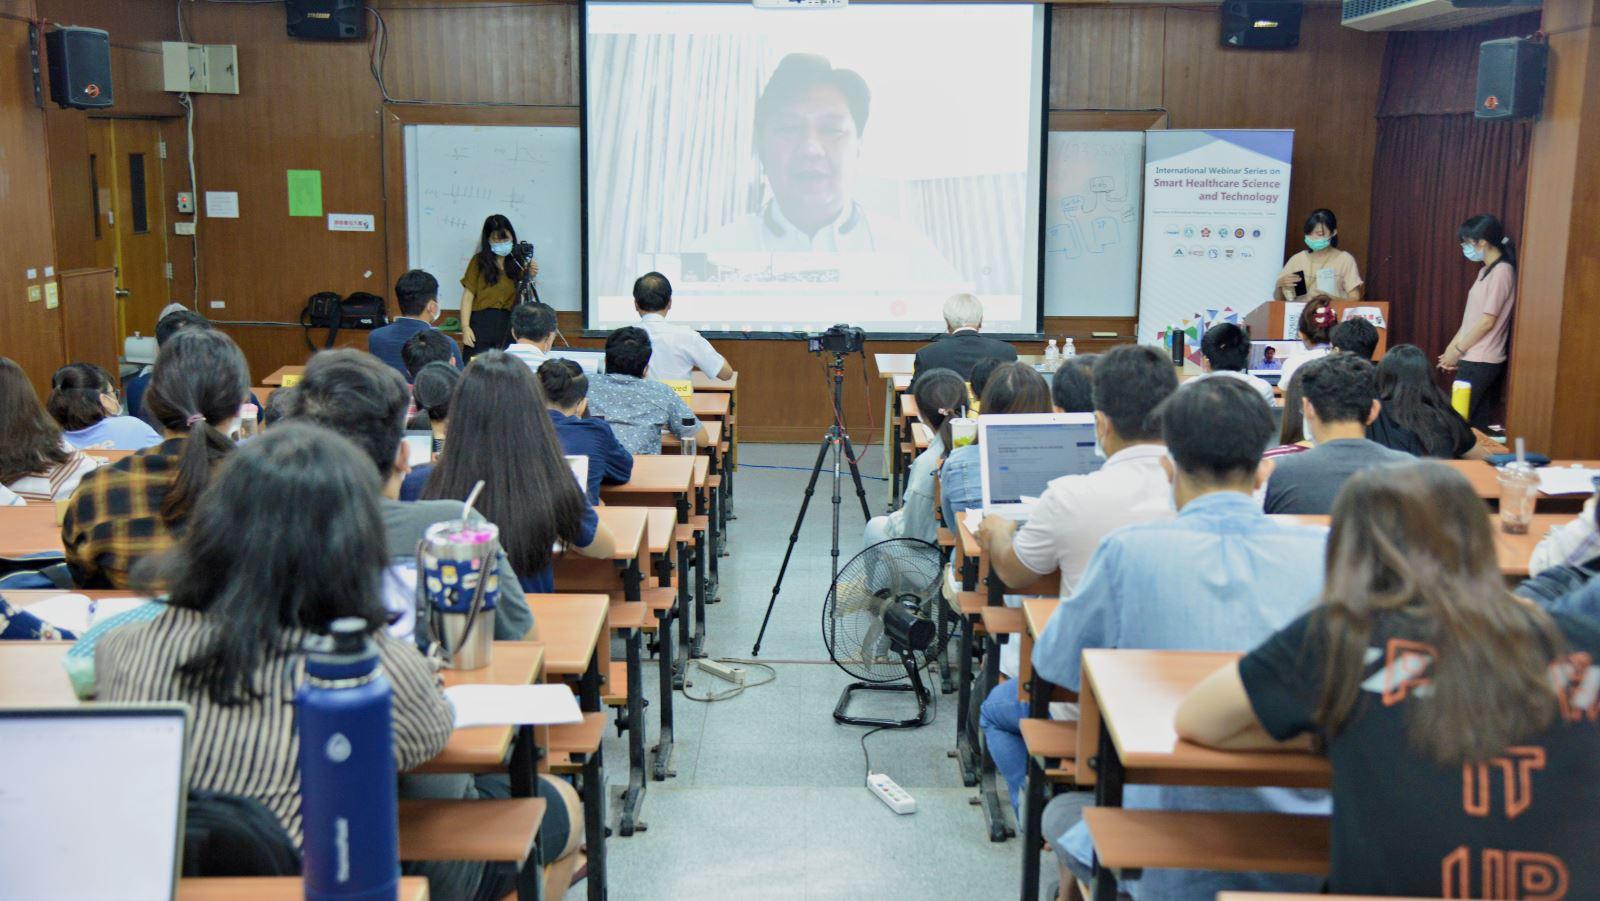 圖9 :瑪希敦大學教授介紹泰國醫療機器人發展